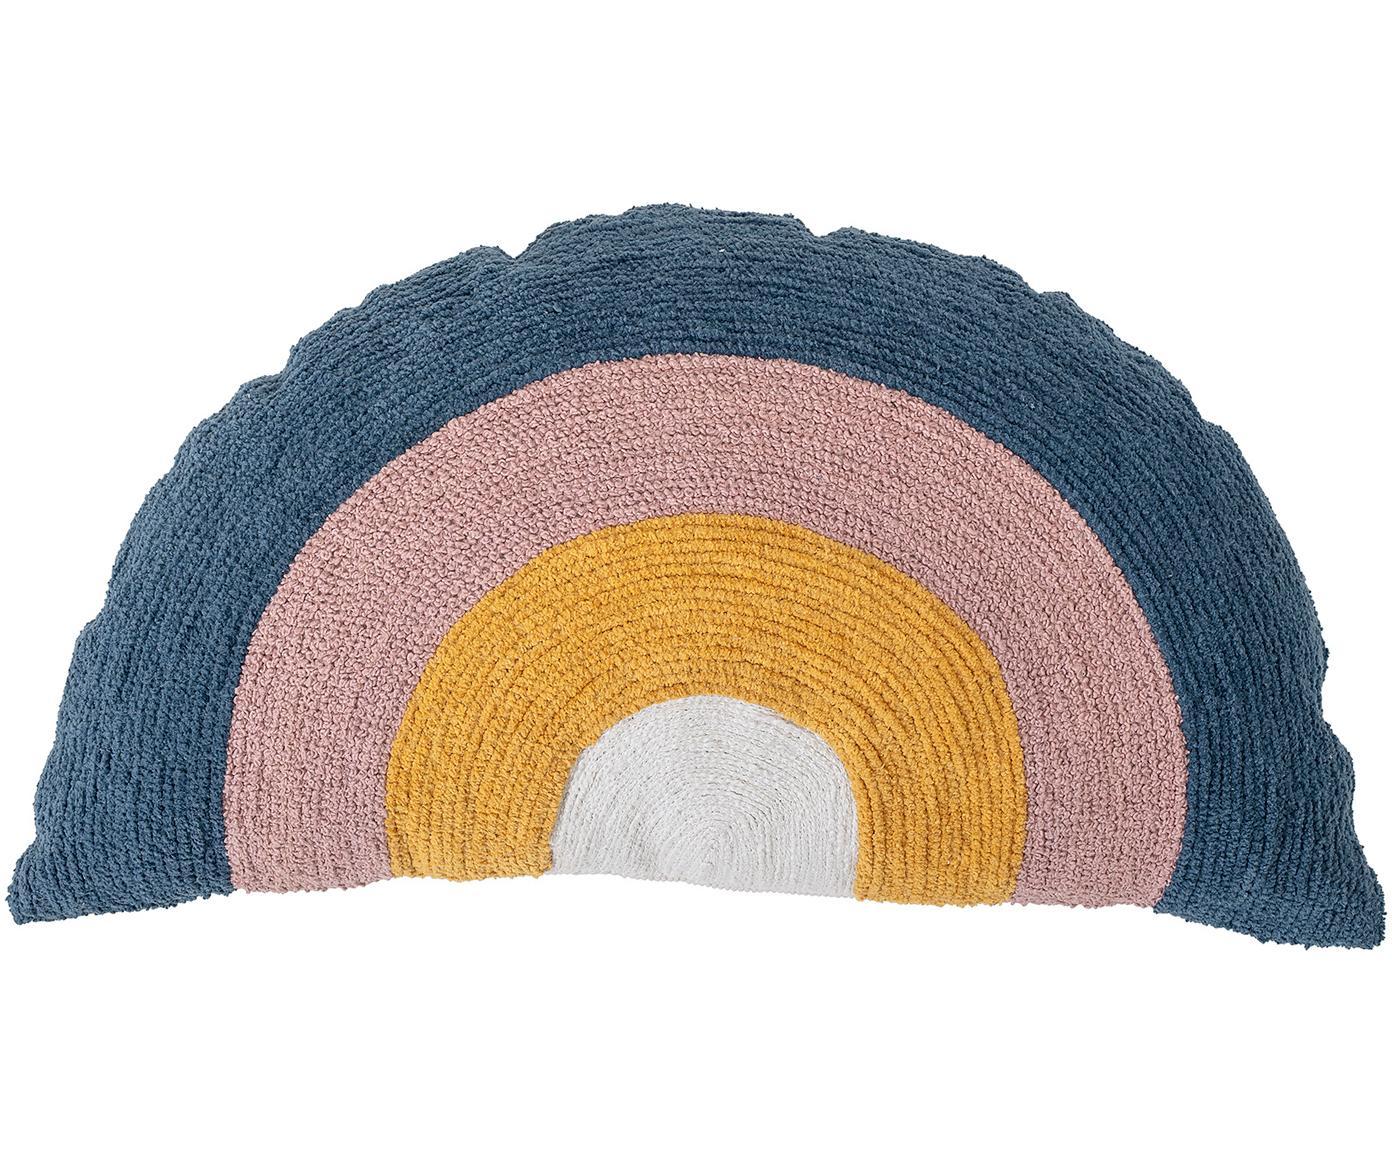 Cojín Rainbow, con relleno, Exterior: algodón, Blanco, amarillo, azul, rosa, An 70 x L 40 cm